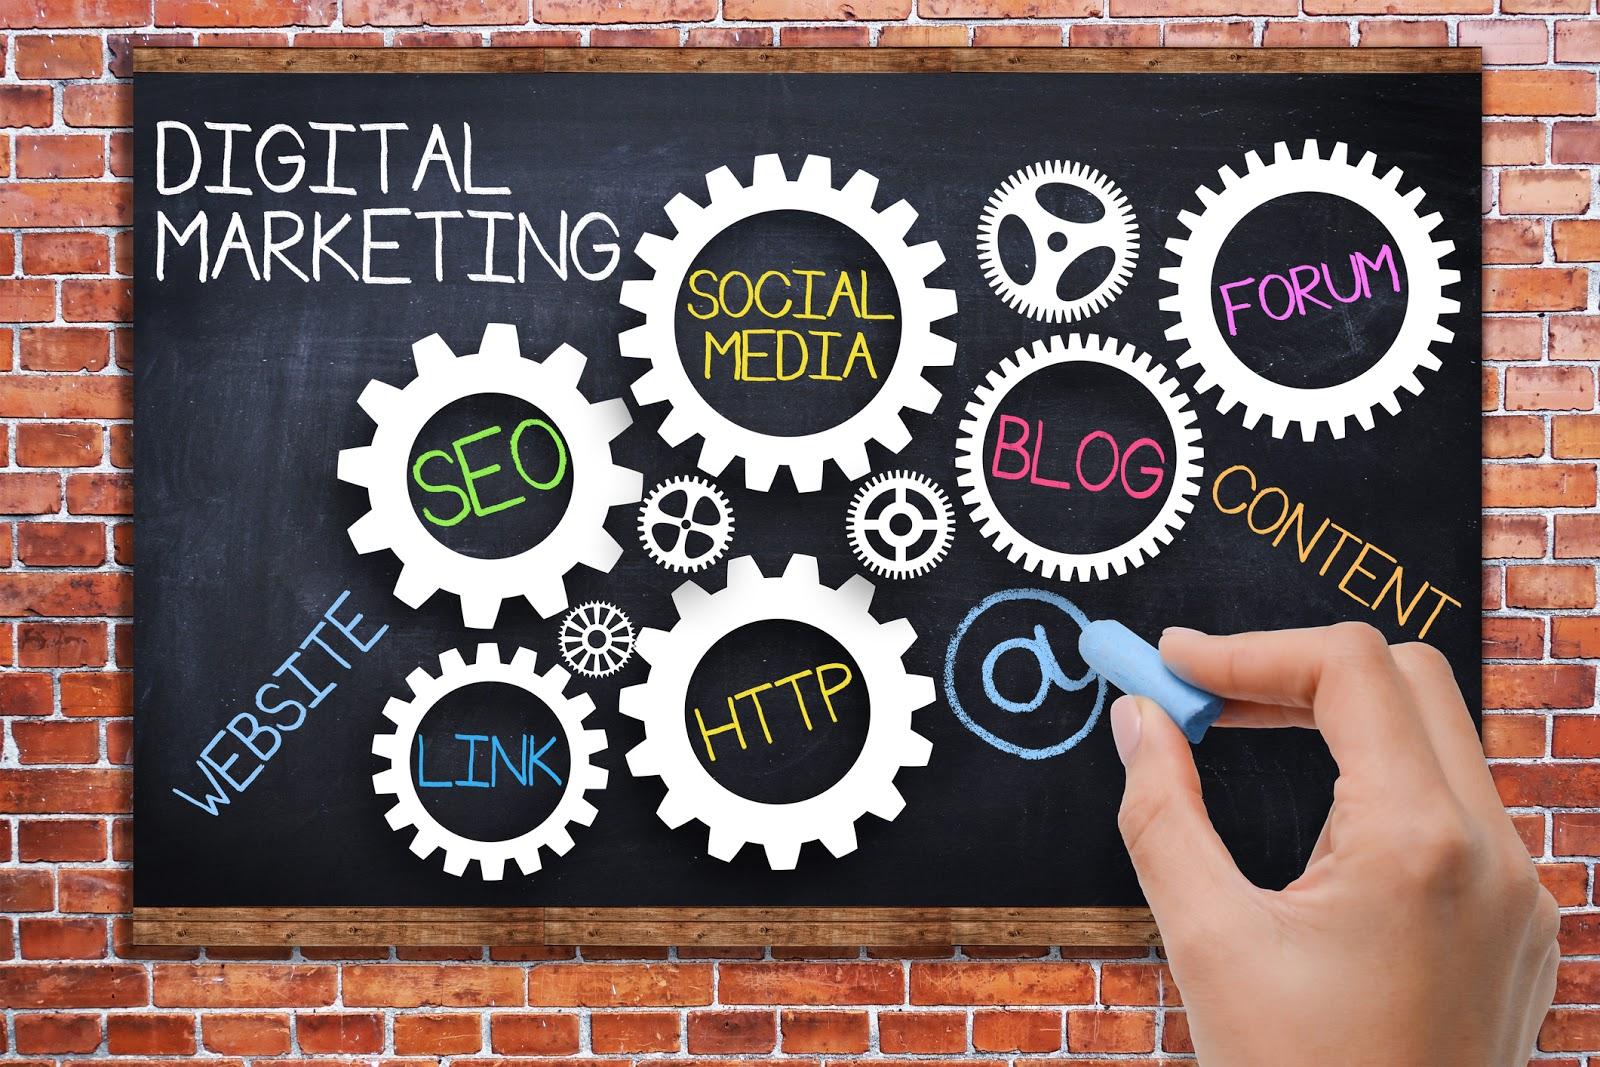 Chalk gears showing digital marketing elements